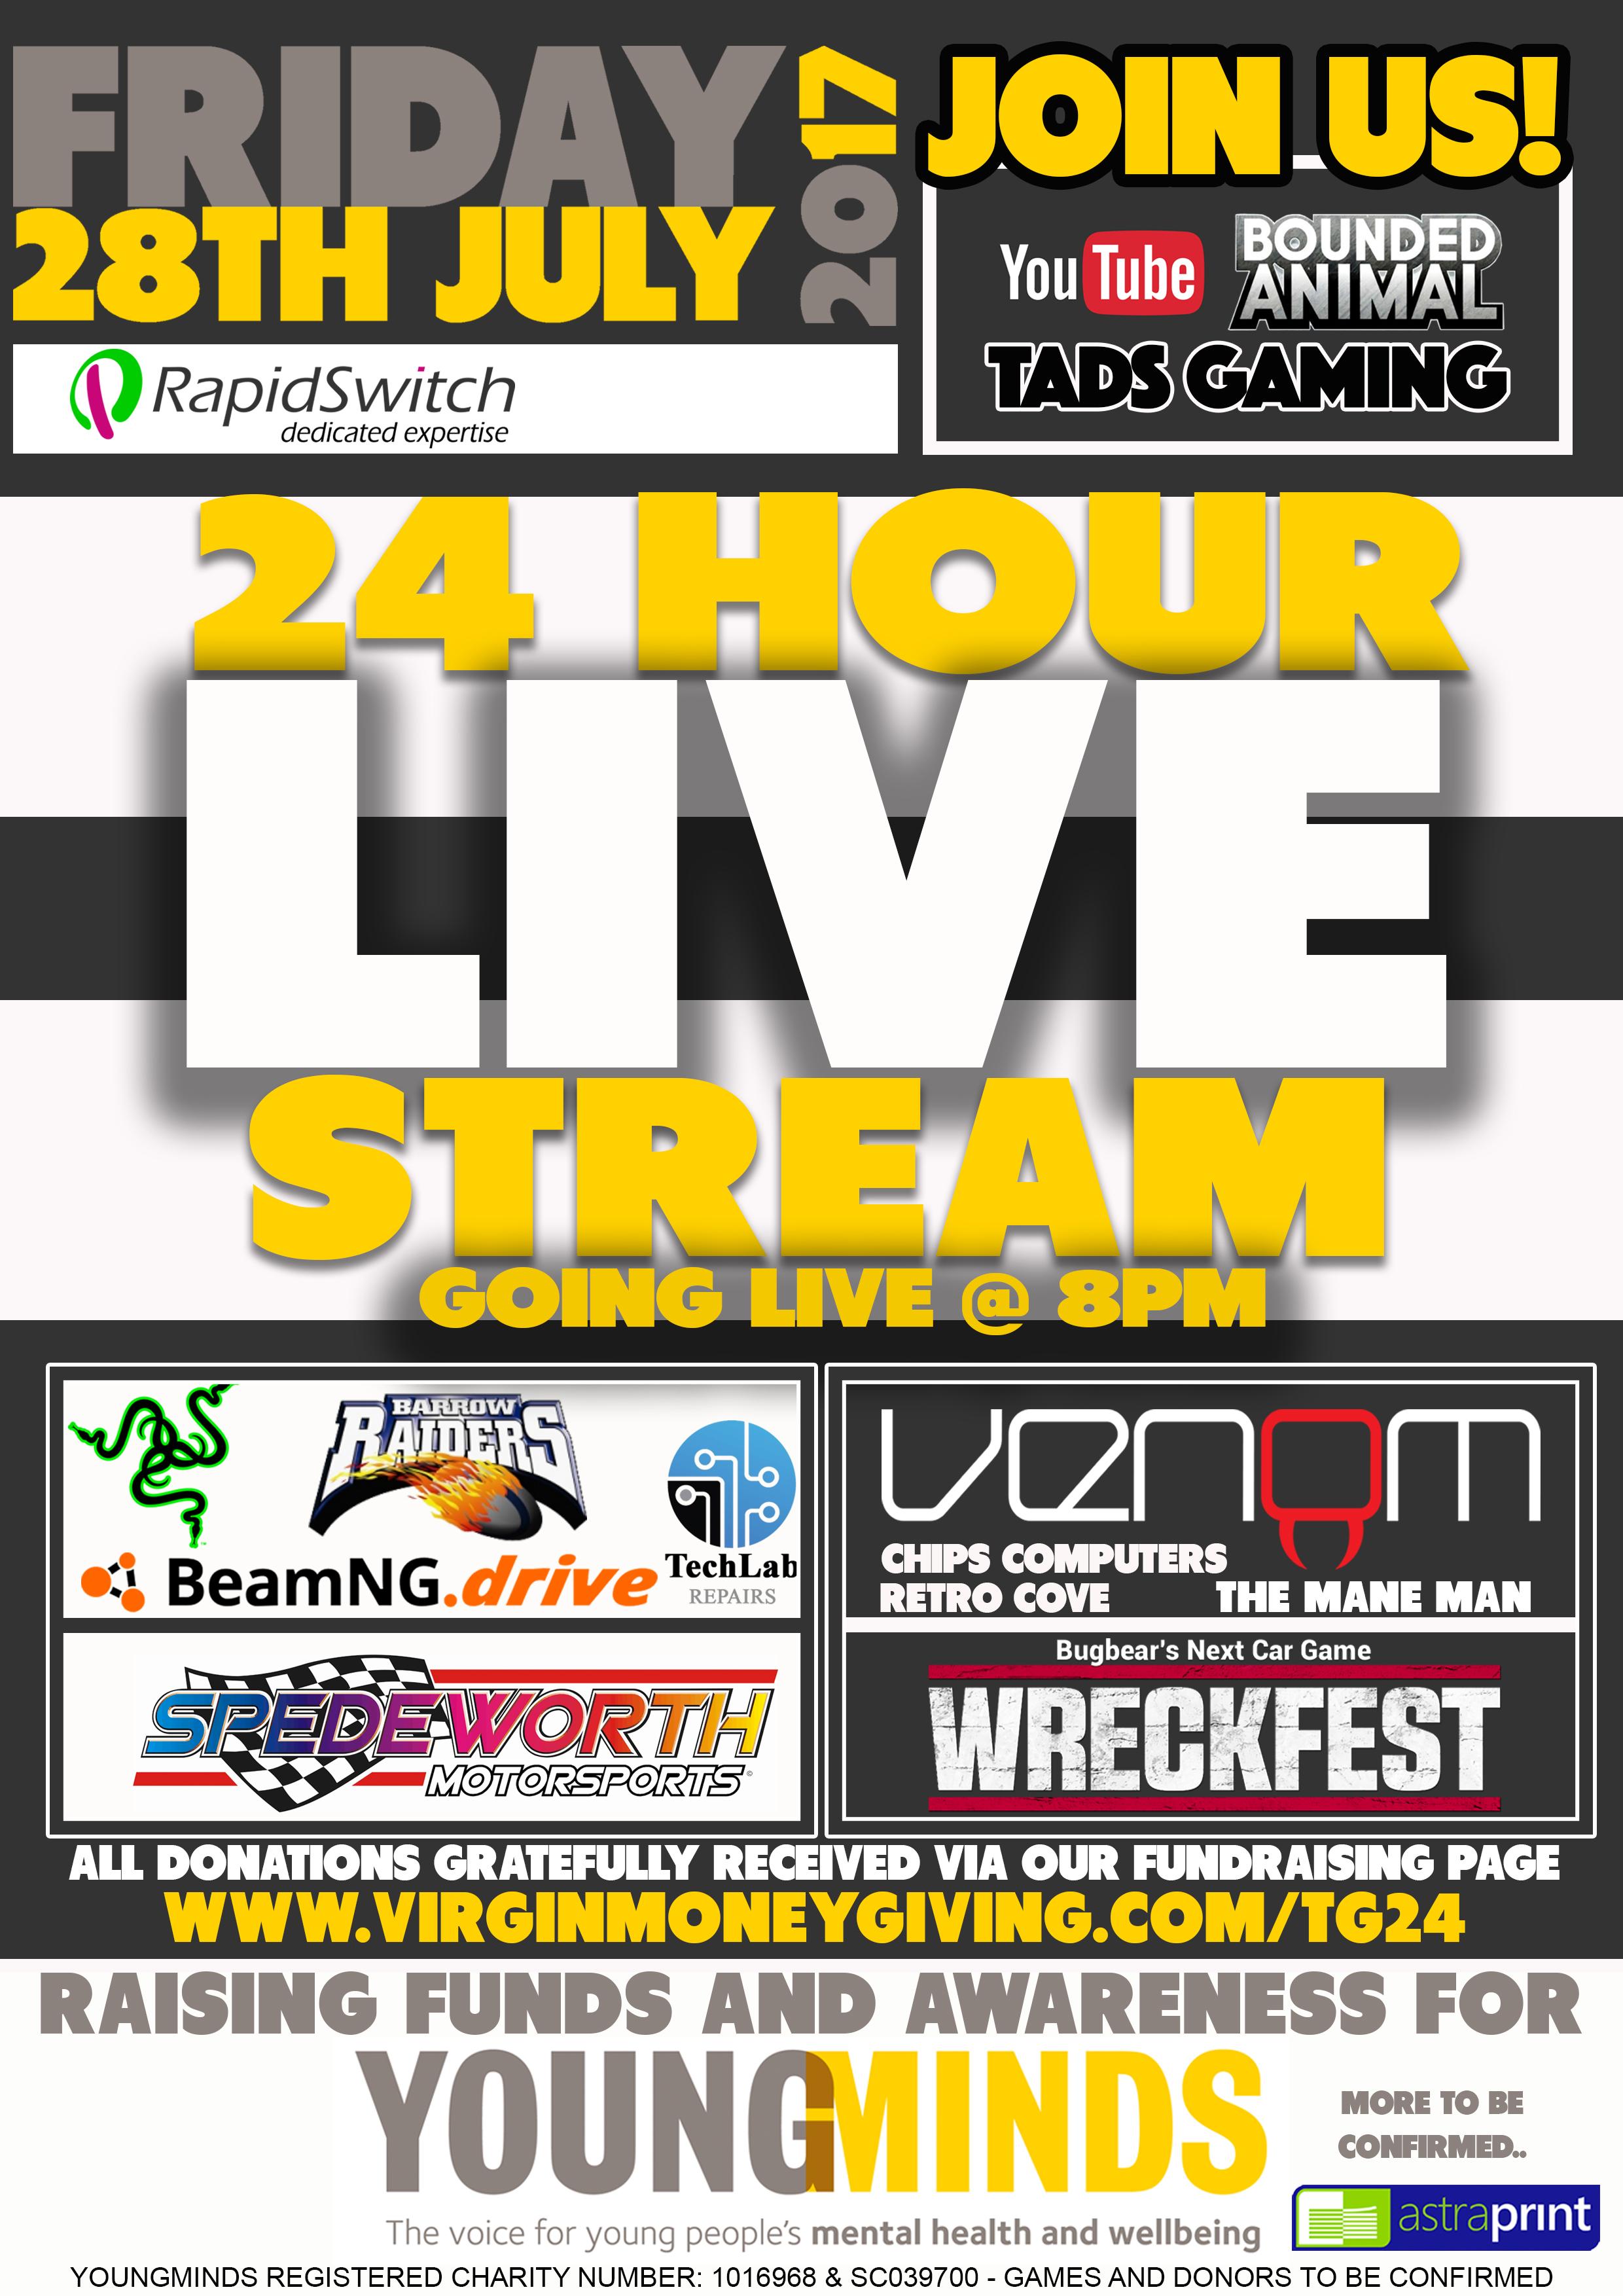 LiveStream Details